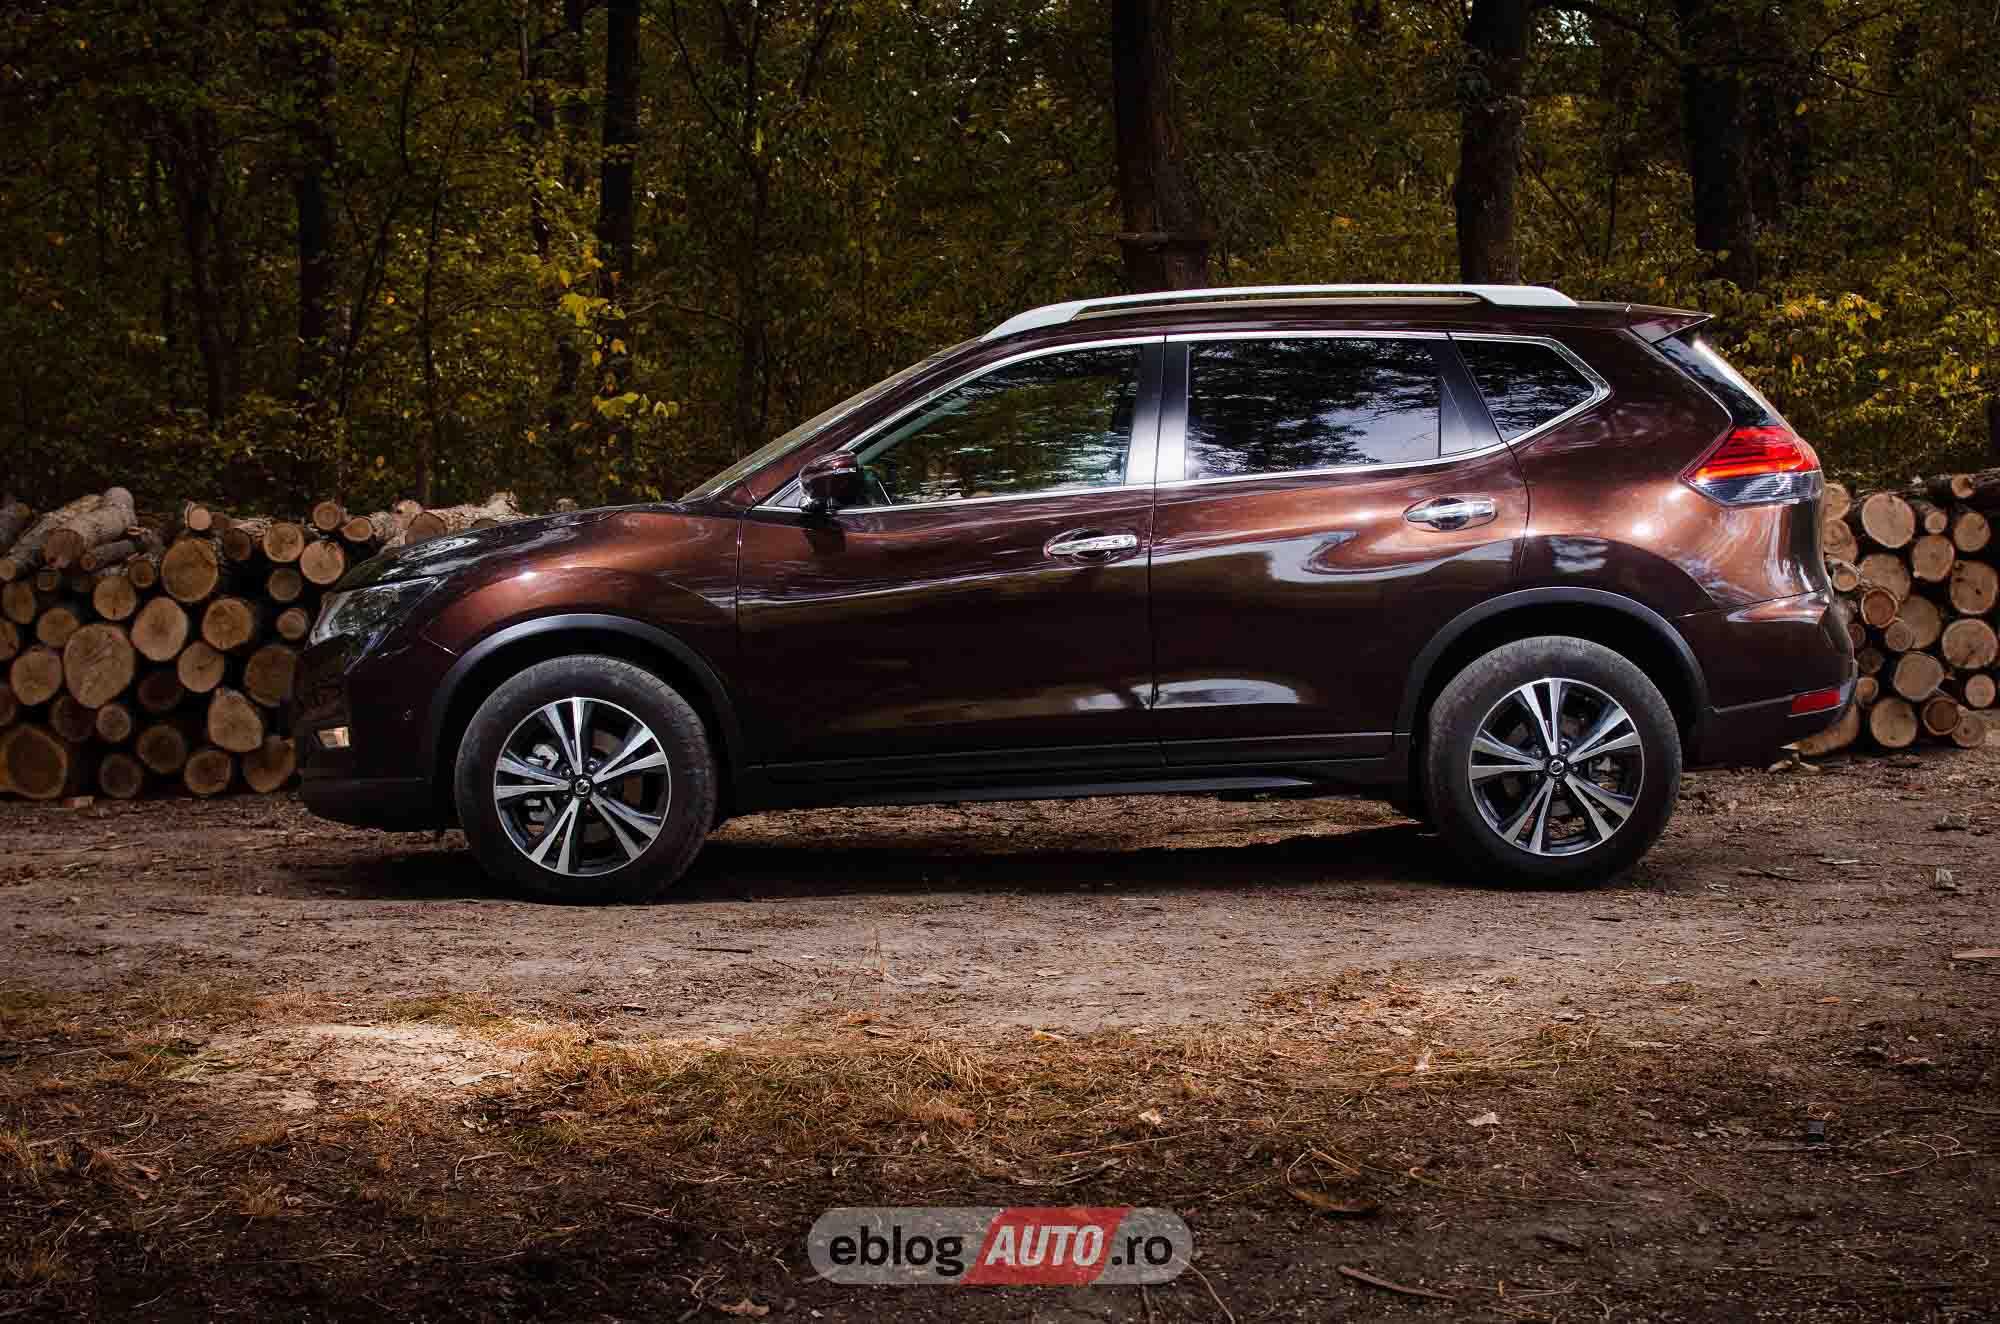 Test Drive Nissan X-Trail 2.0 4WD CVT 177 CP 2019 [VIDEO]